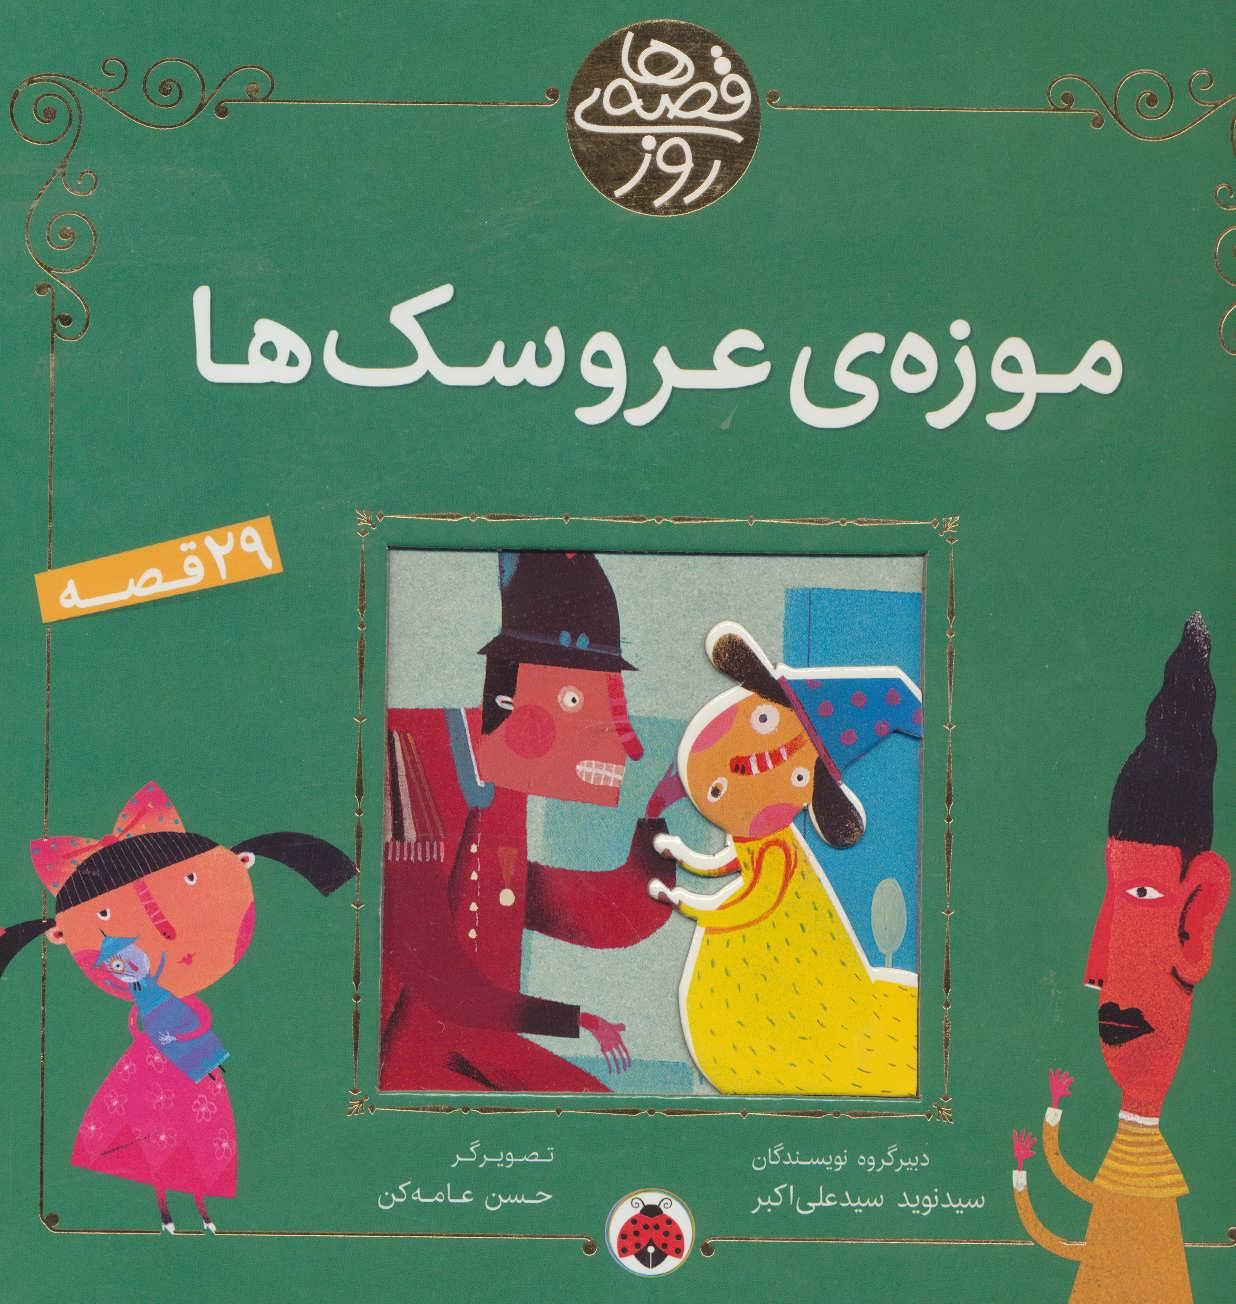 کتاب موزه ی عروسک ها